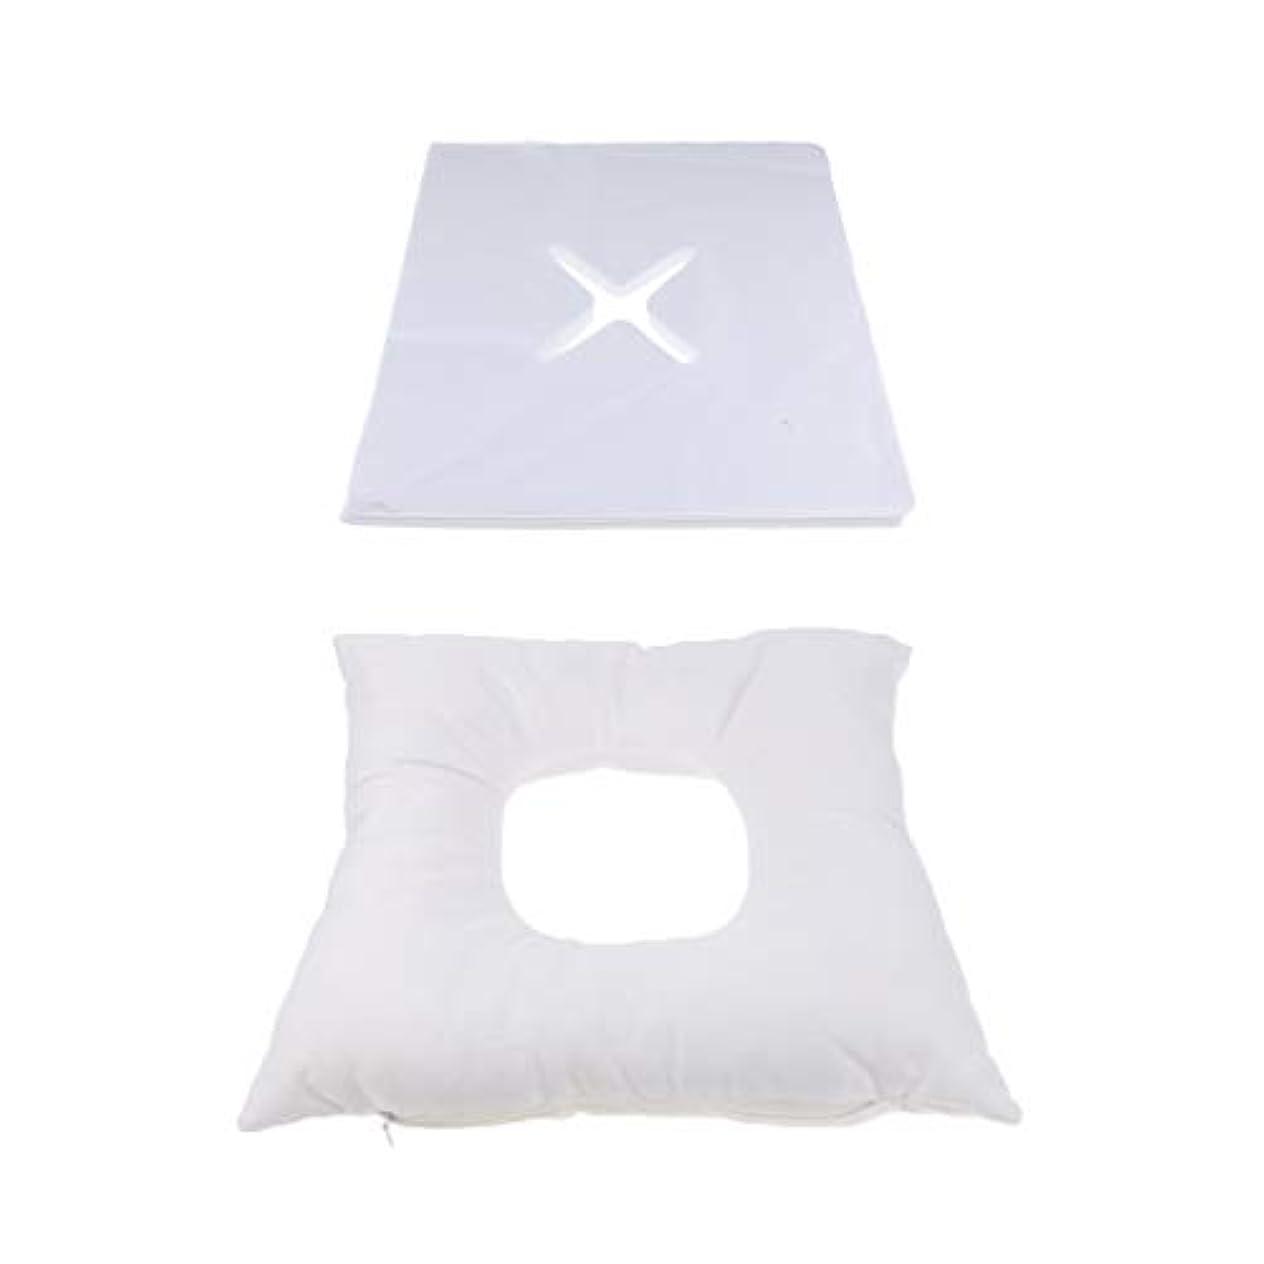 ブレークアミューズメントコンピューターフェイスマット マッサージ枕 顔枕 エステマクラ 200個使い捨てピローカバー付き サロン 家庭用